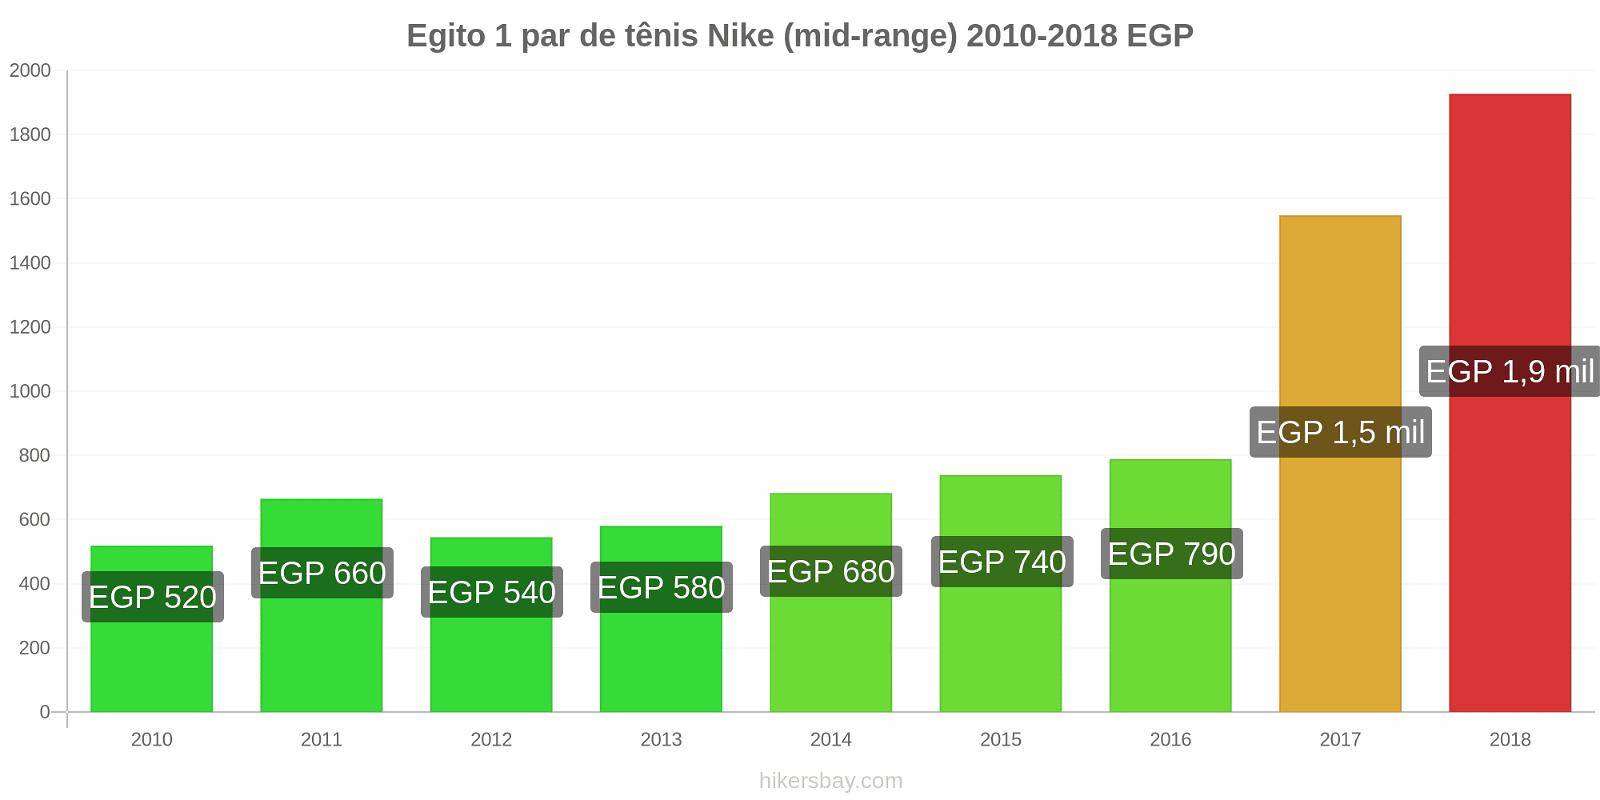 Egito variação de preço 1 par de tênis Nike (mid-range) hikersbay.com